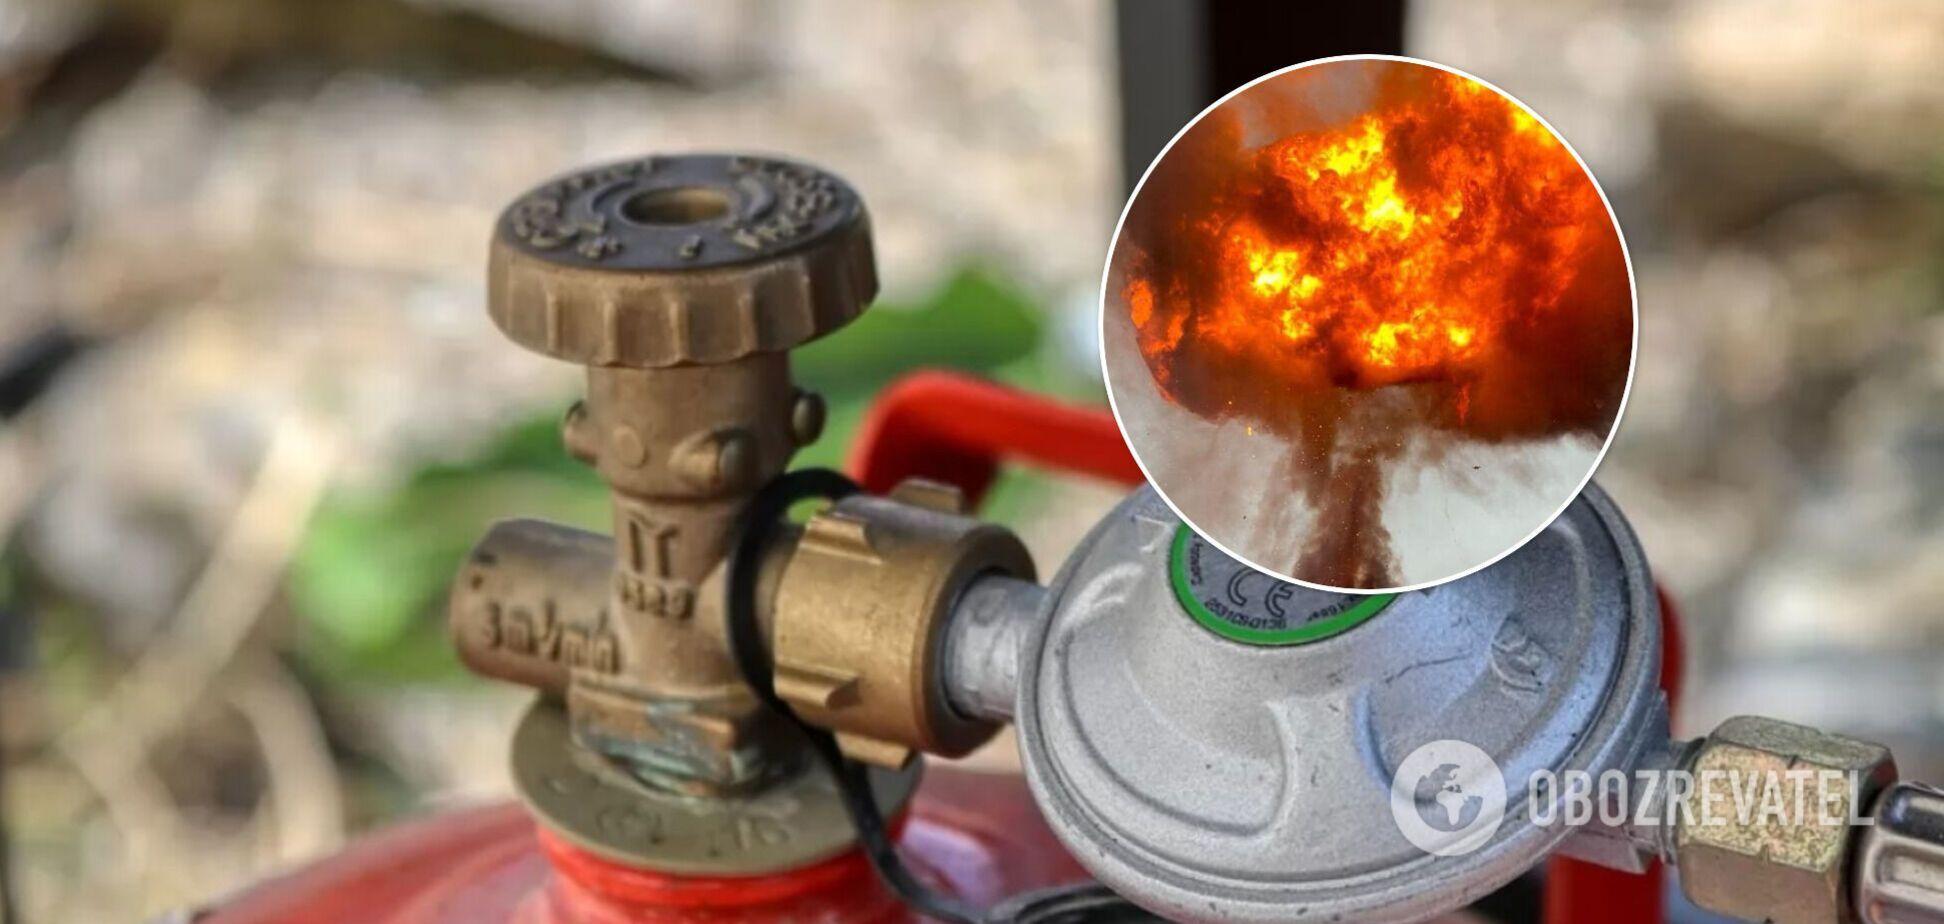 На Одещині в приватному будинку вибухнув газовий балон, є постраждалий. Фото